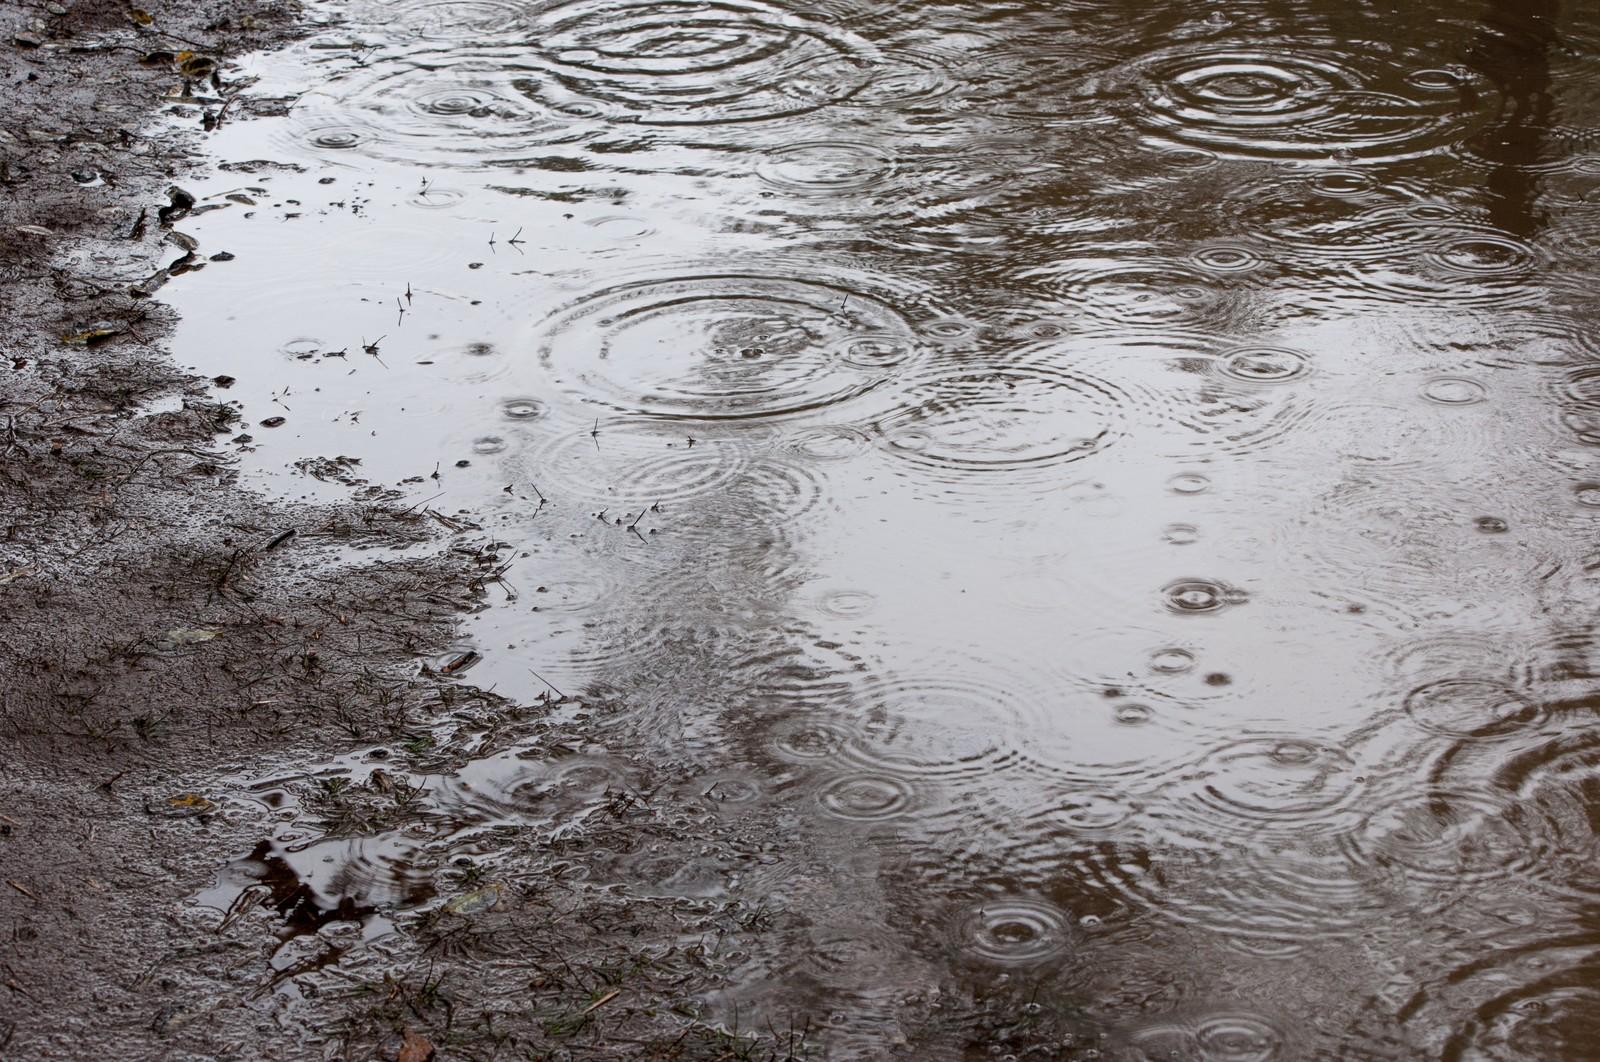 大雨特別警報の発表基準は数年に一度?数十年に一度?|お天気検定7月3日